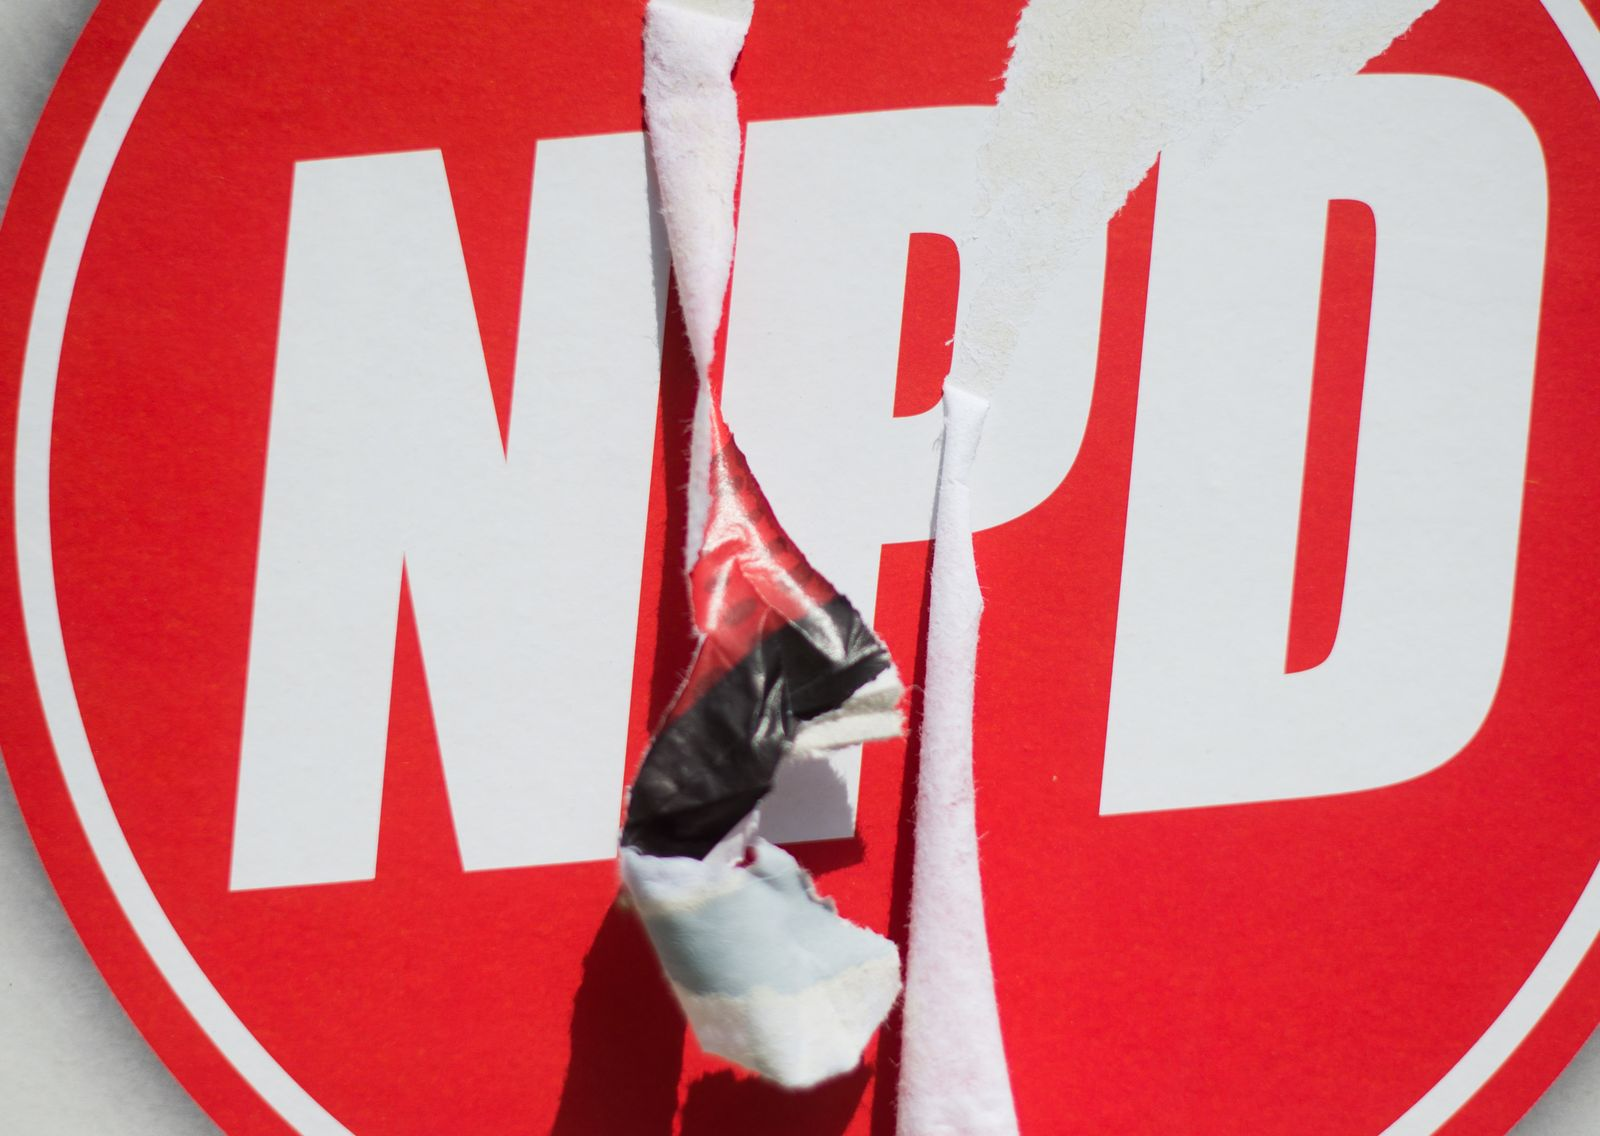 NPD / Parteienfinanzierung